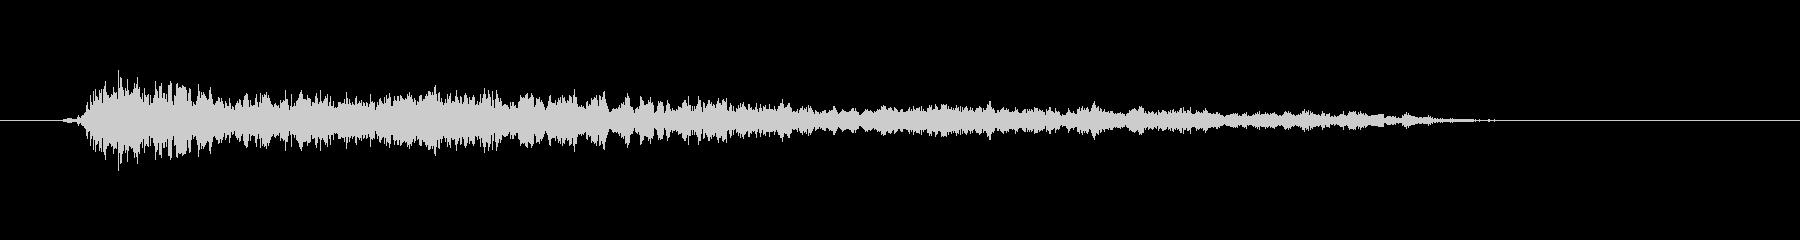 【モンスター02-07】の未再生の波形